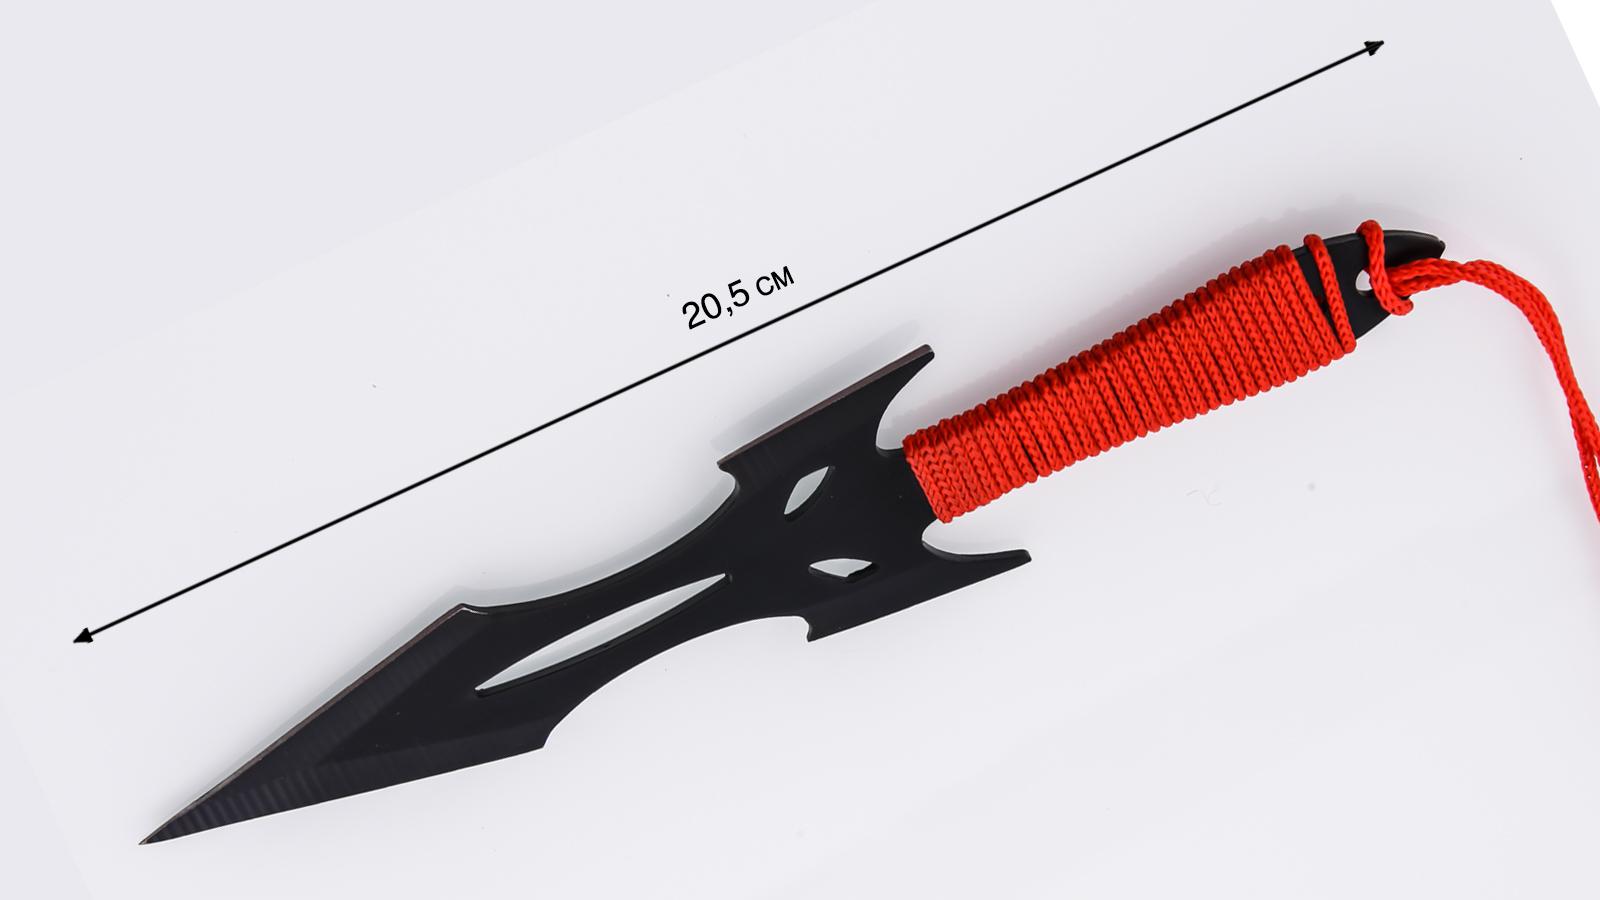 Метательные ножи Perfect Point PP-068-3S оригинальной формы